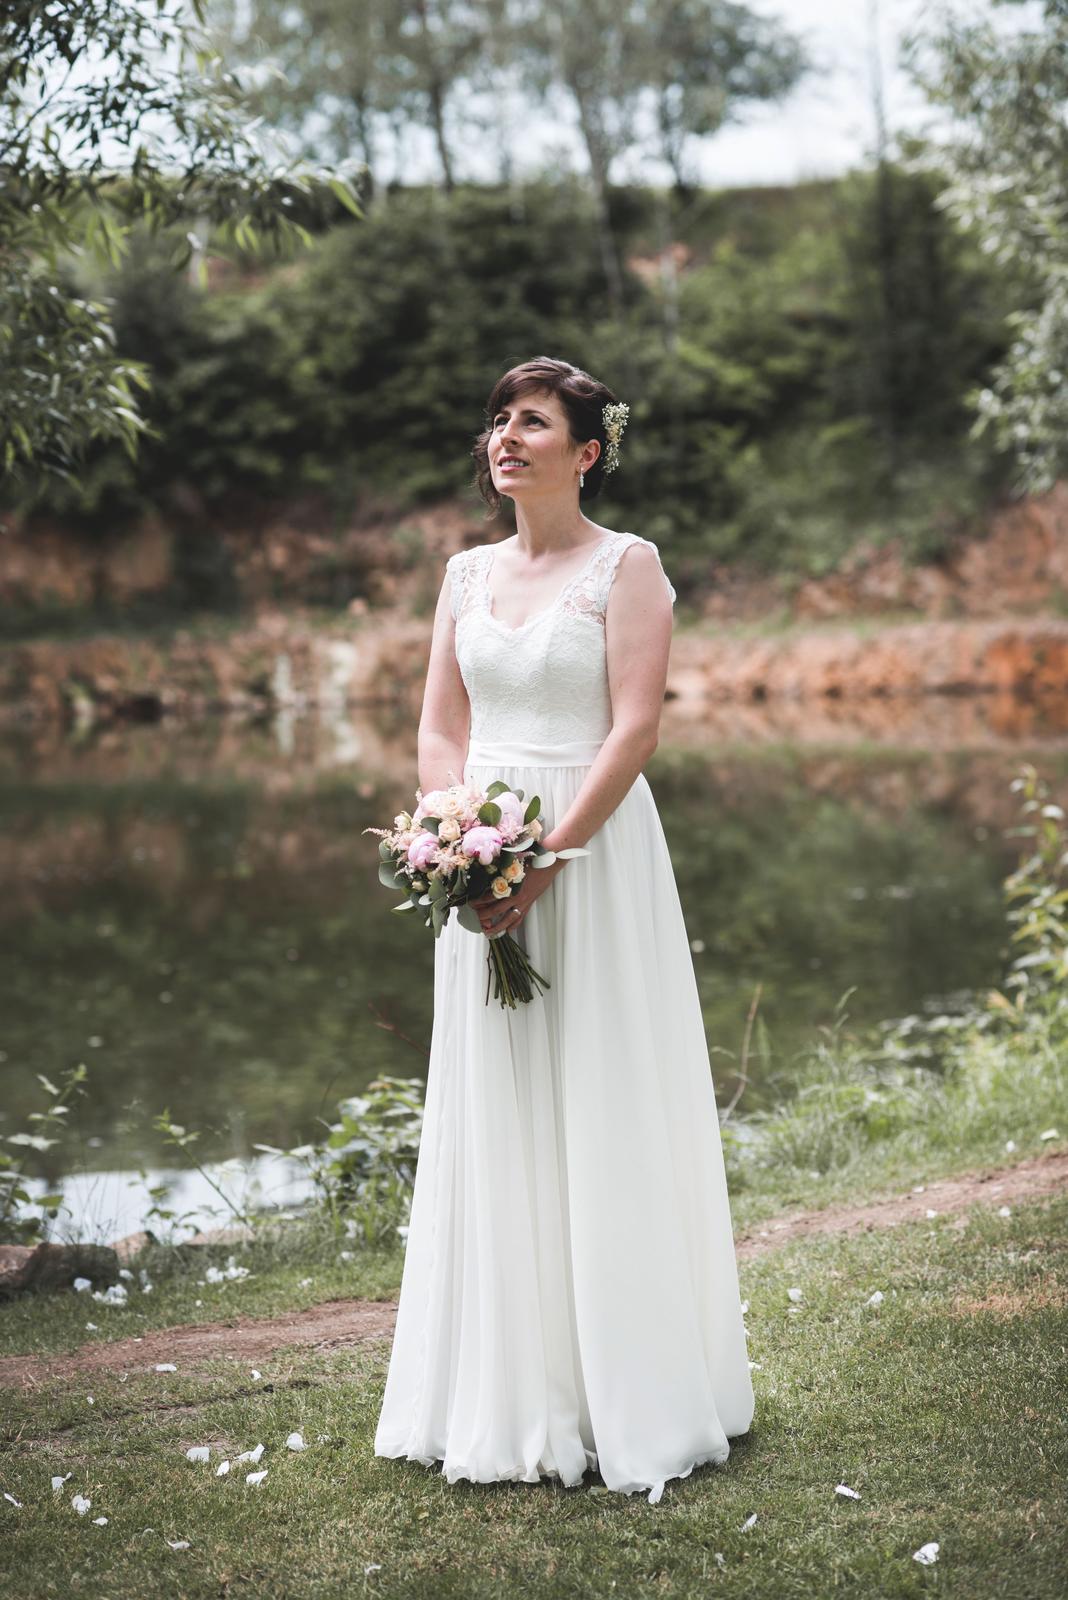 svatební šaty pro víly - Obrázek č. 1